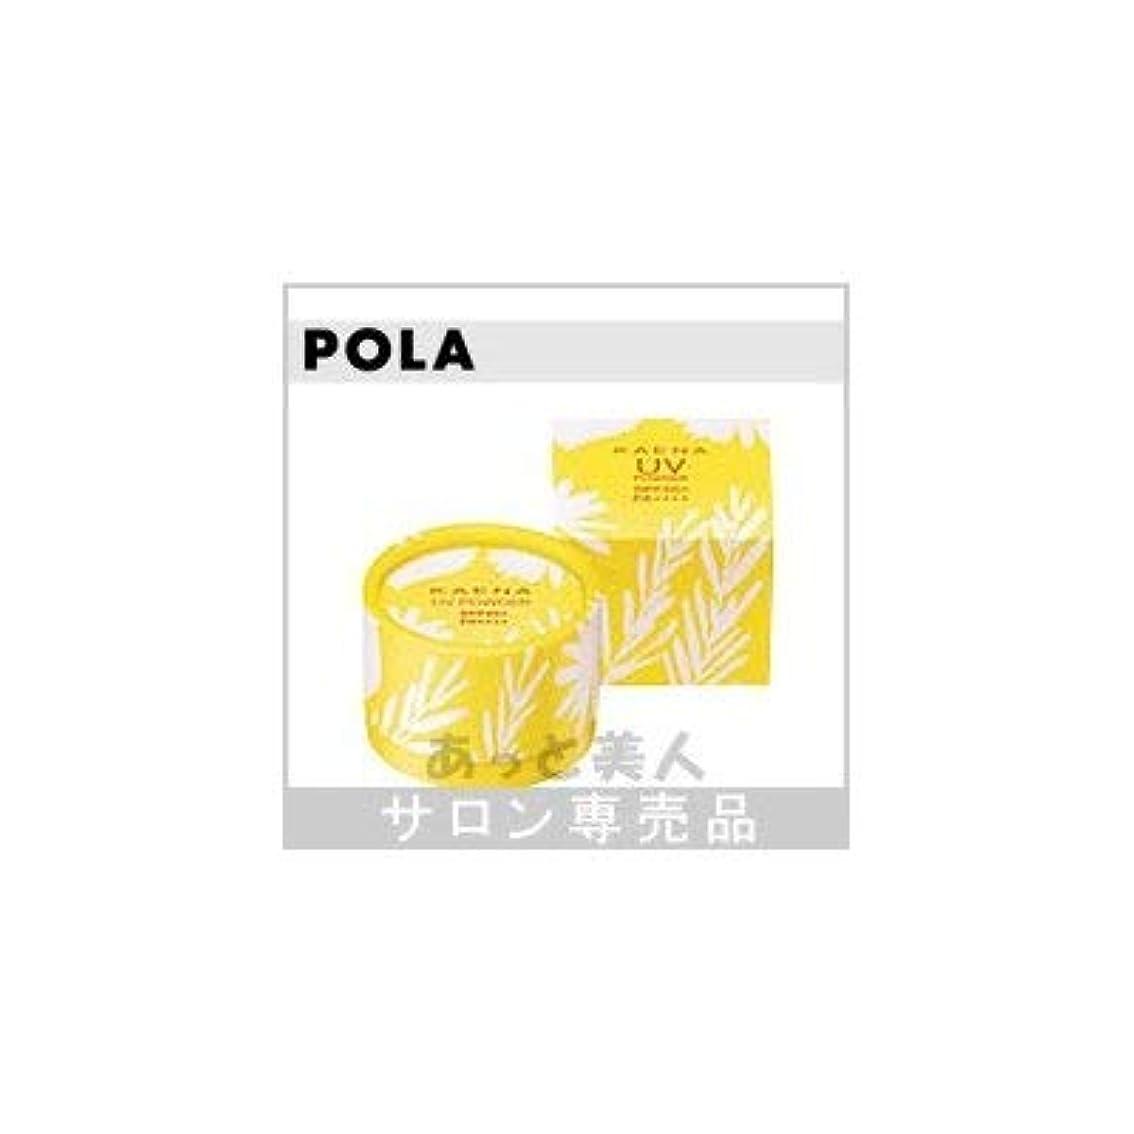 ポーラ カエナ UVパウダー 6.5g (SPF50+ PA++++)